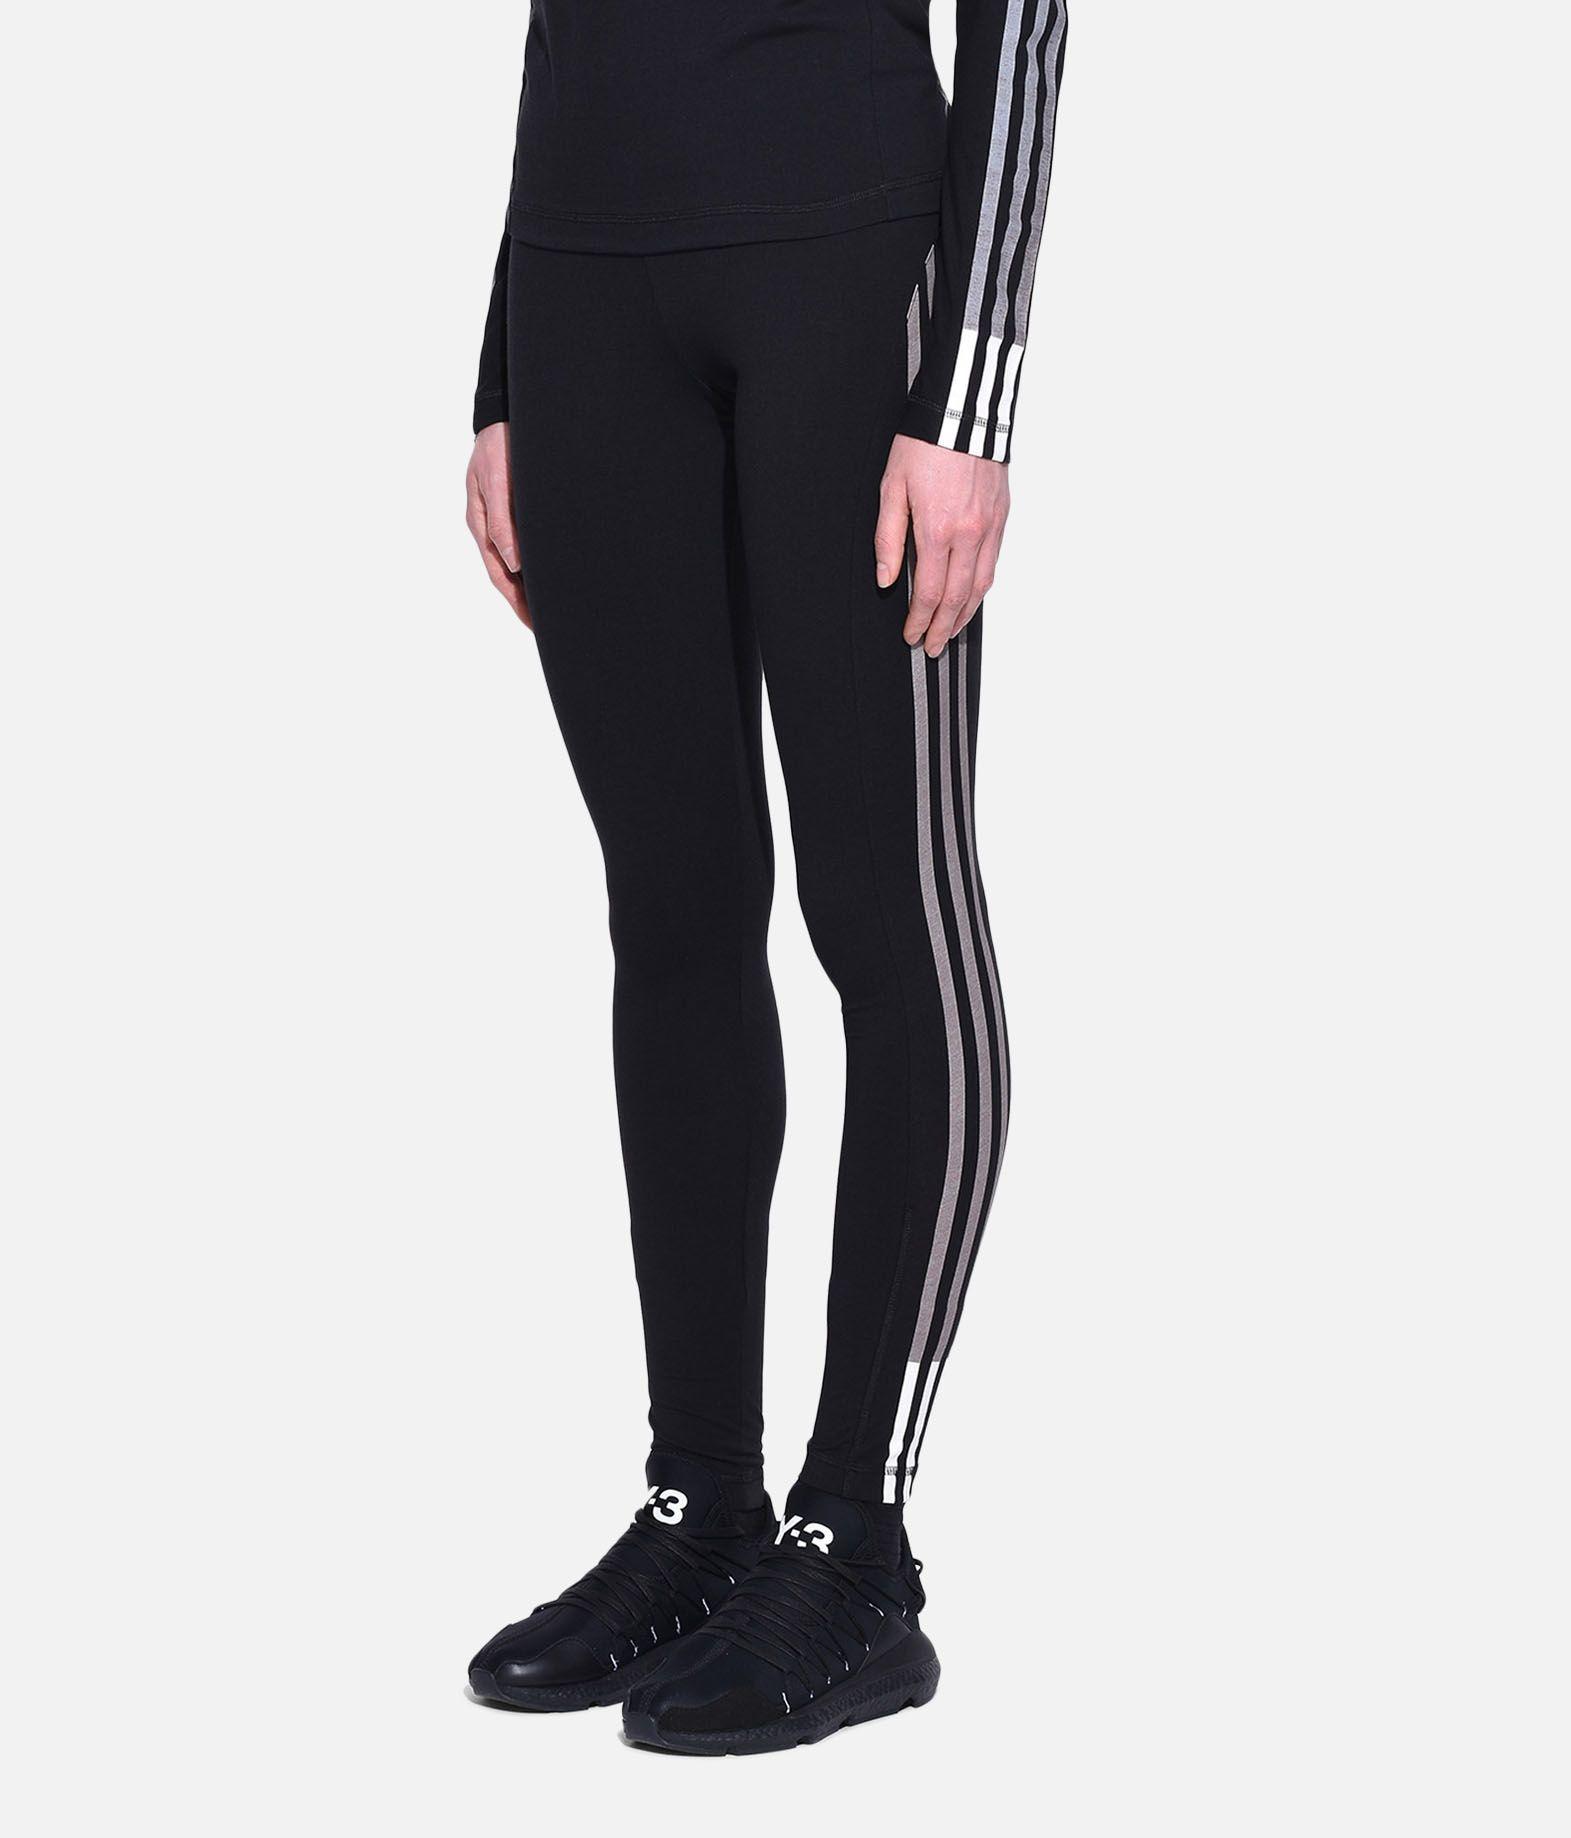 Y-3 Y-3 3-Stripes Leggings Leggings Woman e